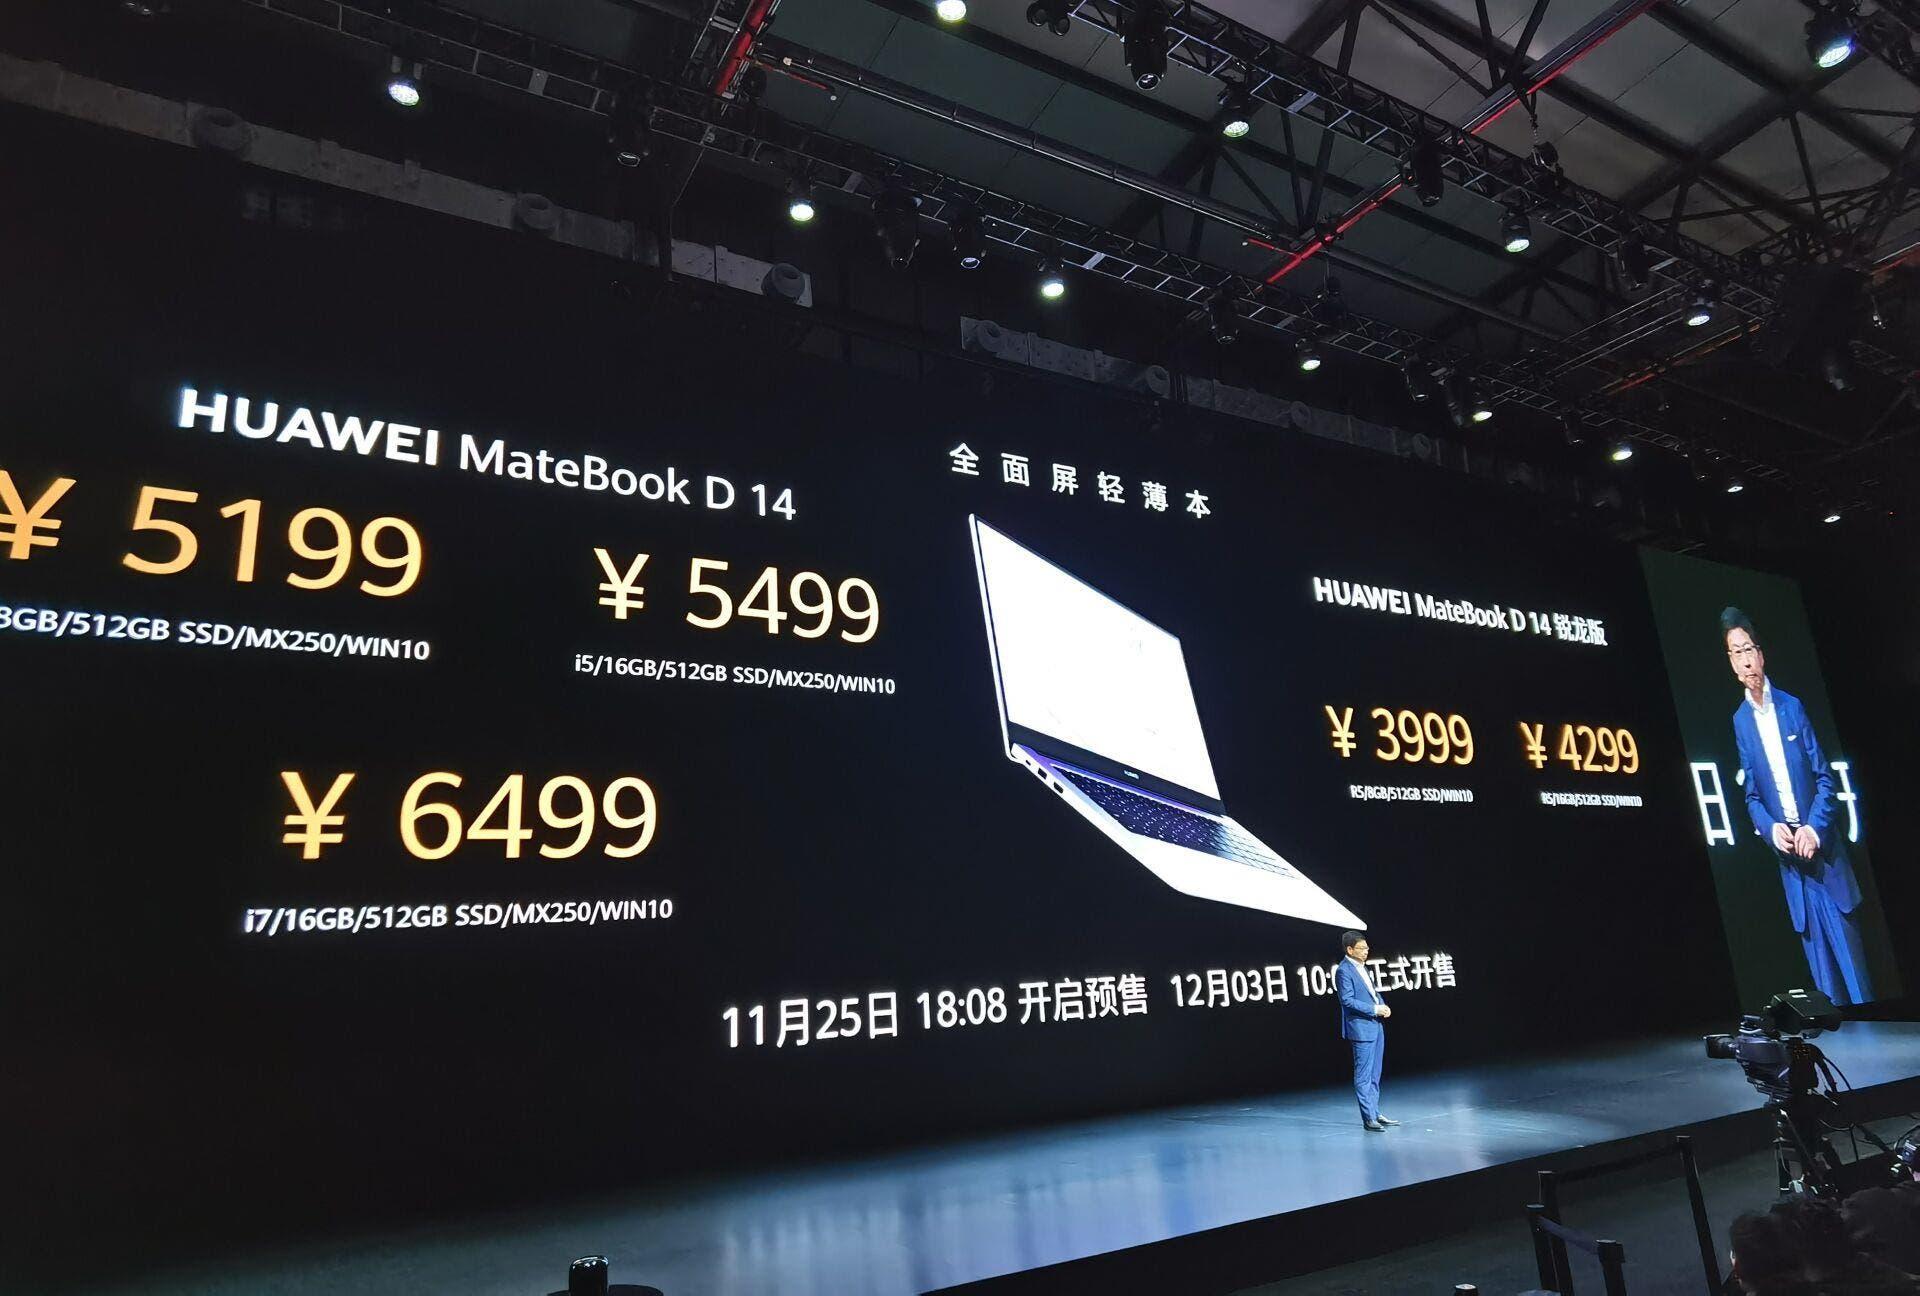 Huawei MateBook D 14 Huawei MateBook D 15